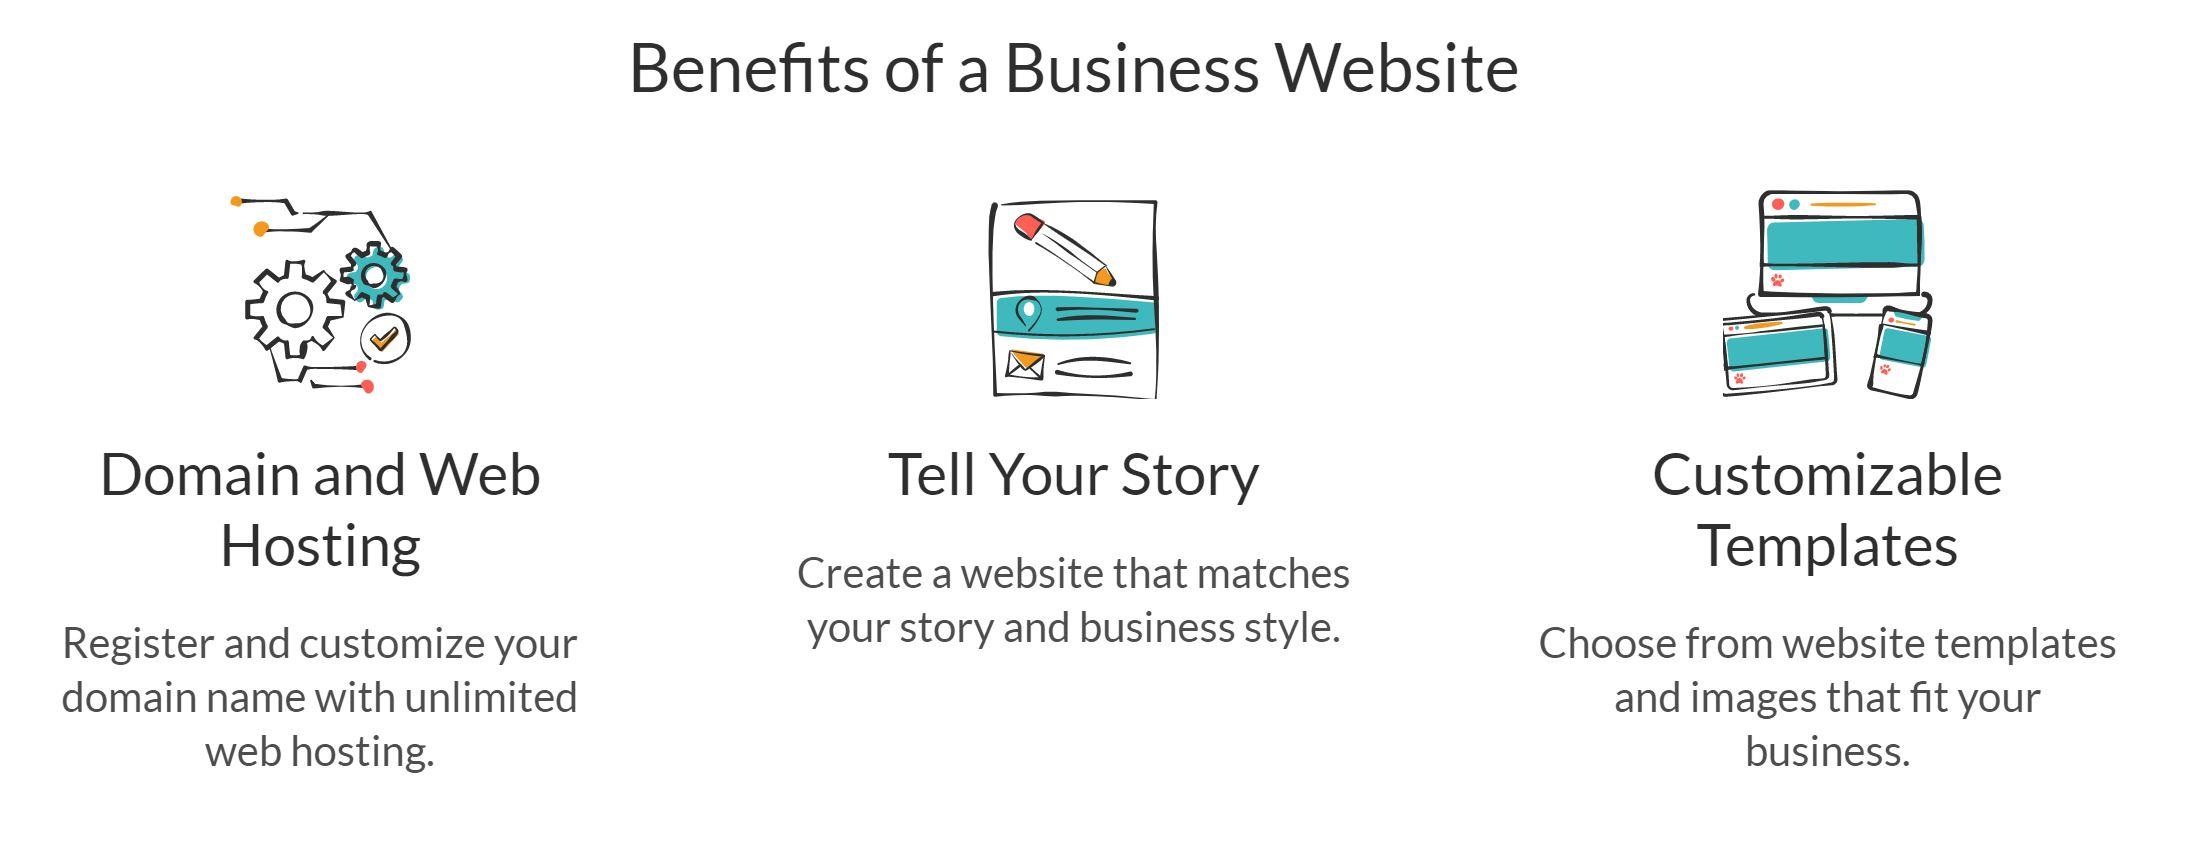 ZenBusiness website benefits